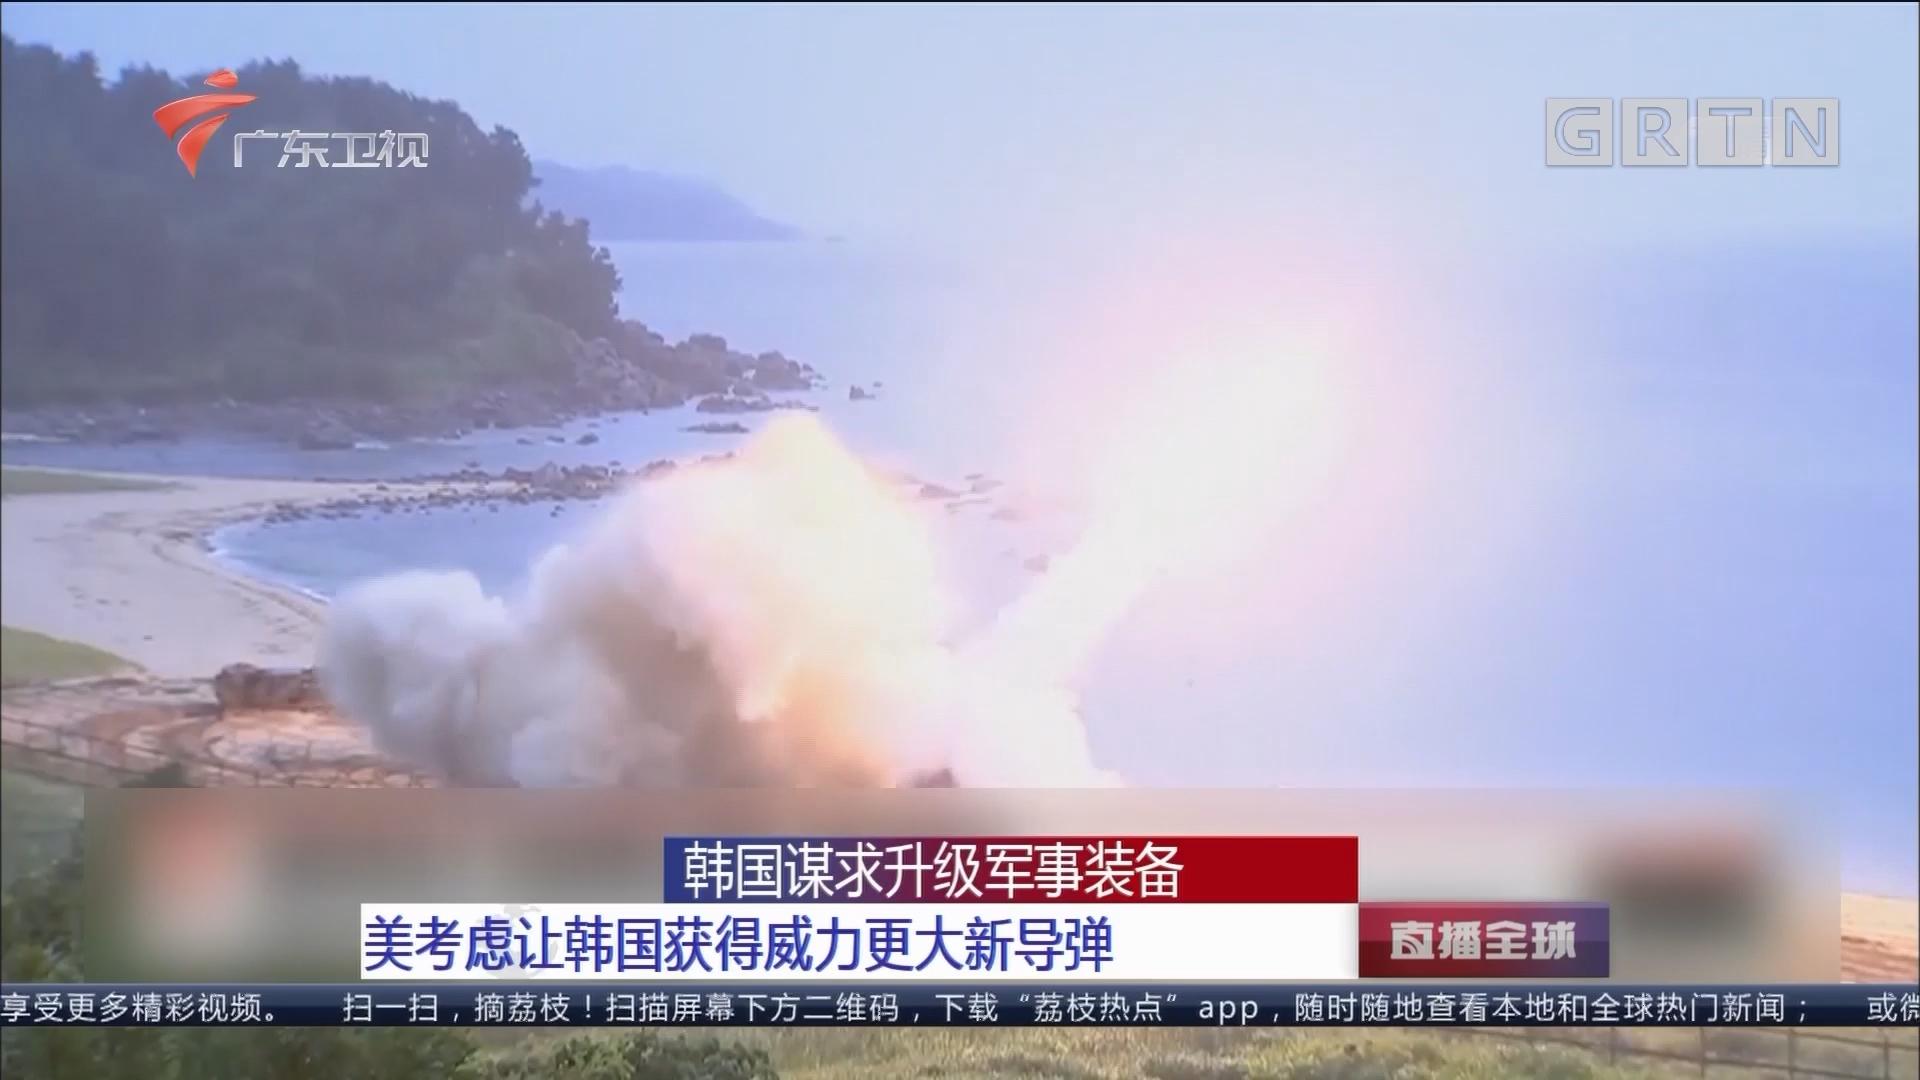 韩国谋求升级军事装备 美考虑让韩国获得威力更大新导弹